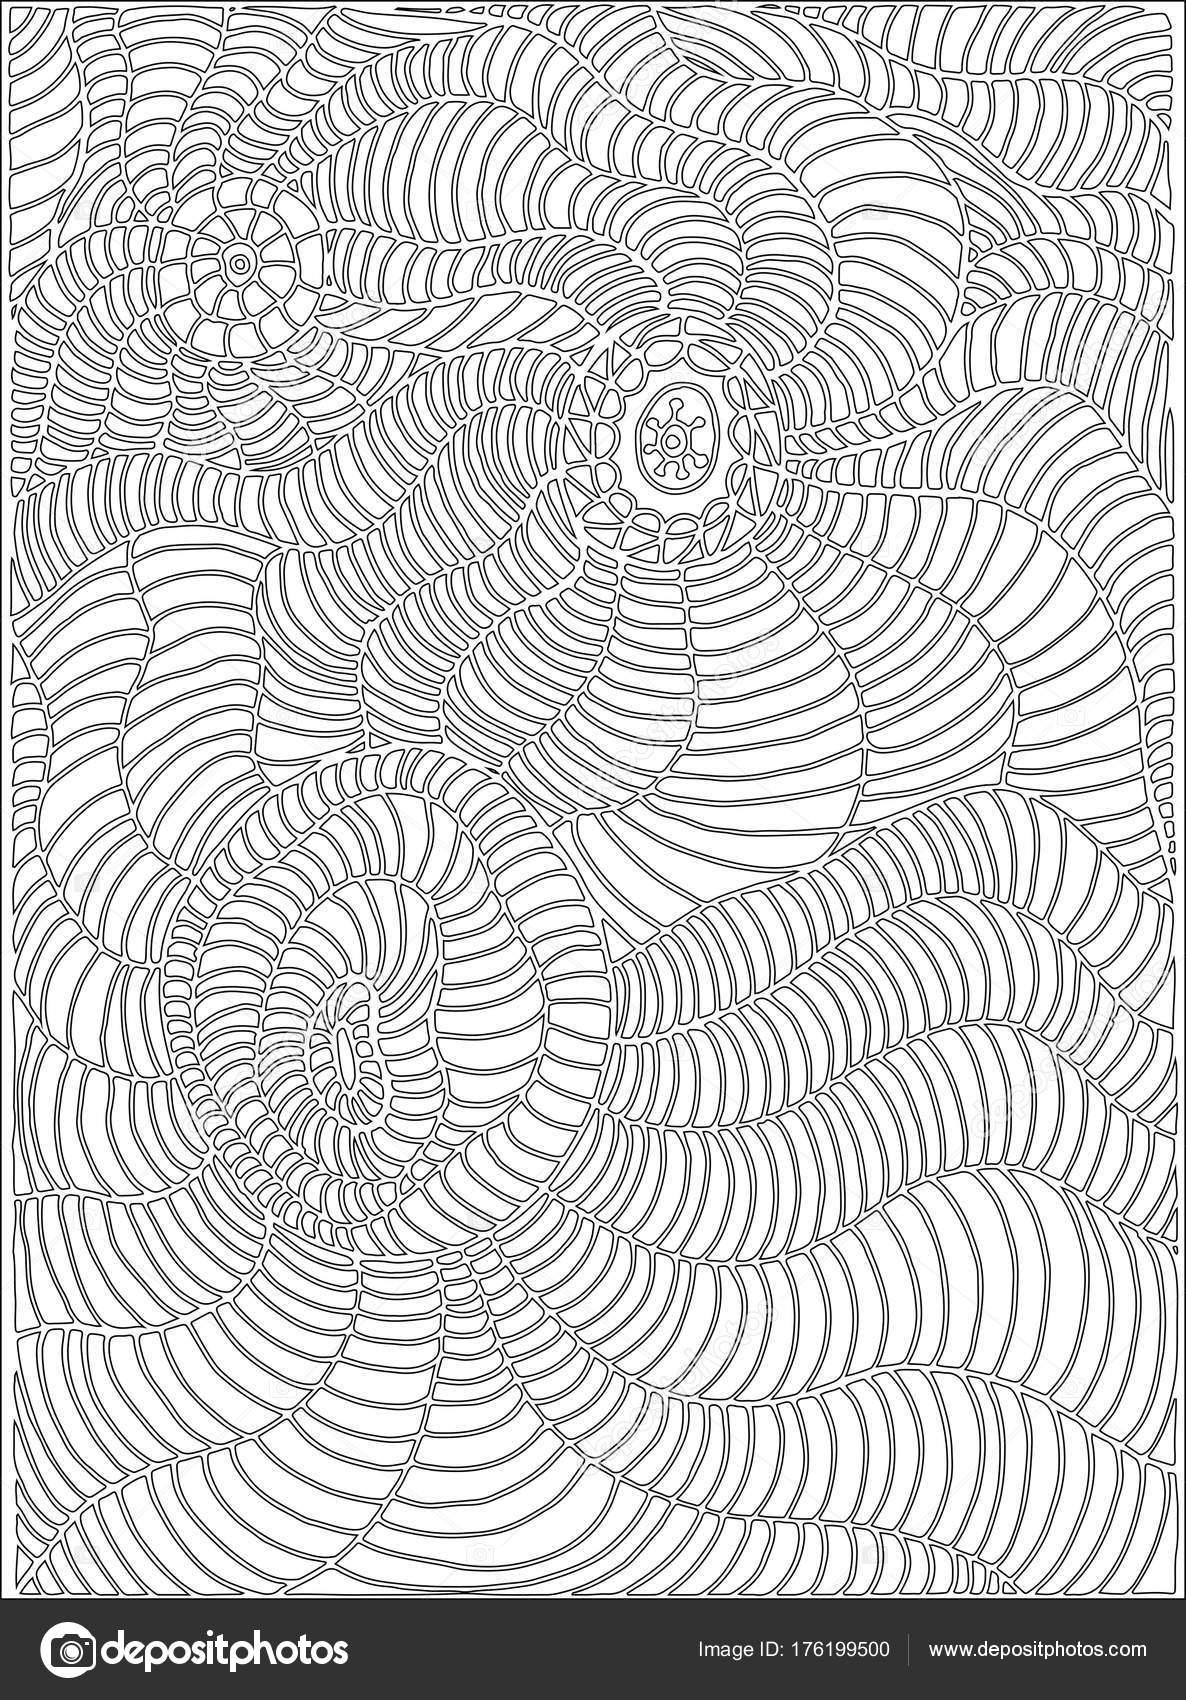 Línea de la página de colorear, doodle estilo arte, para niños y ...